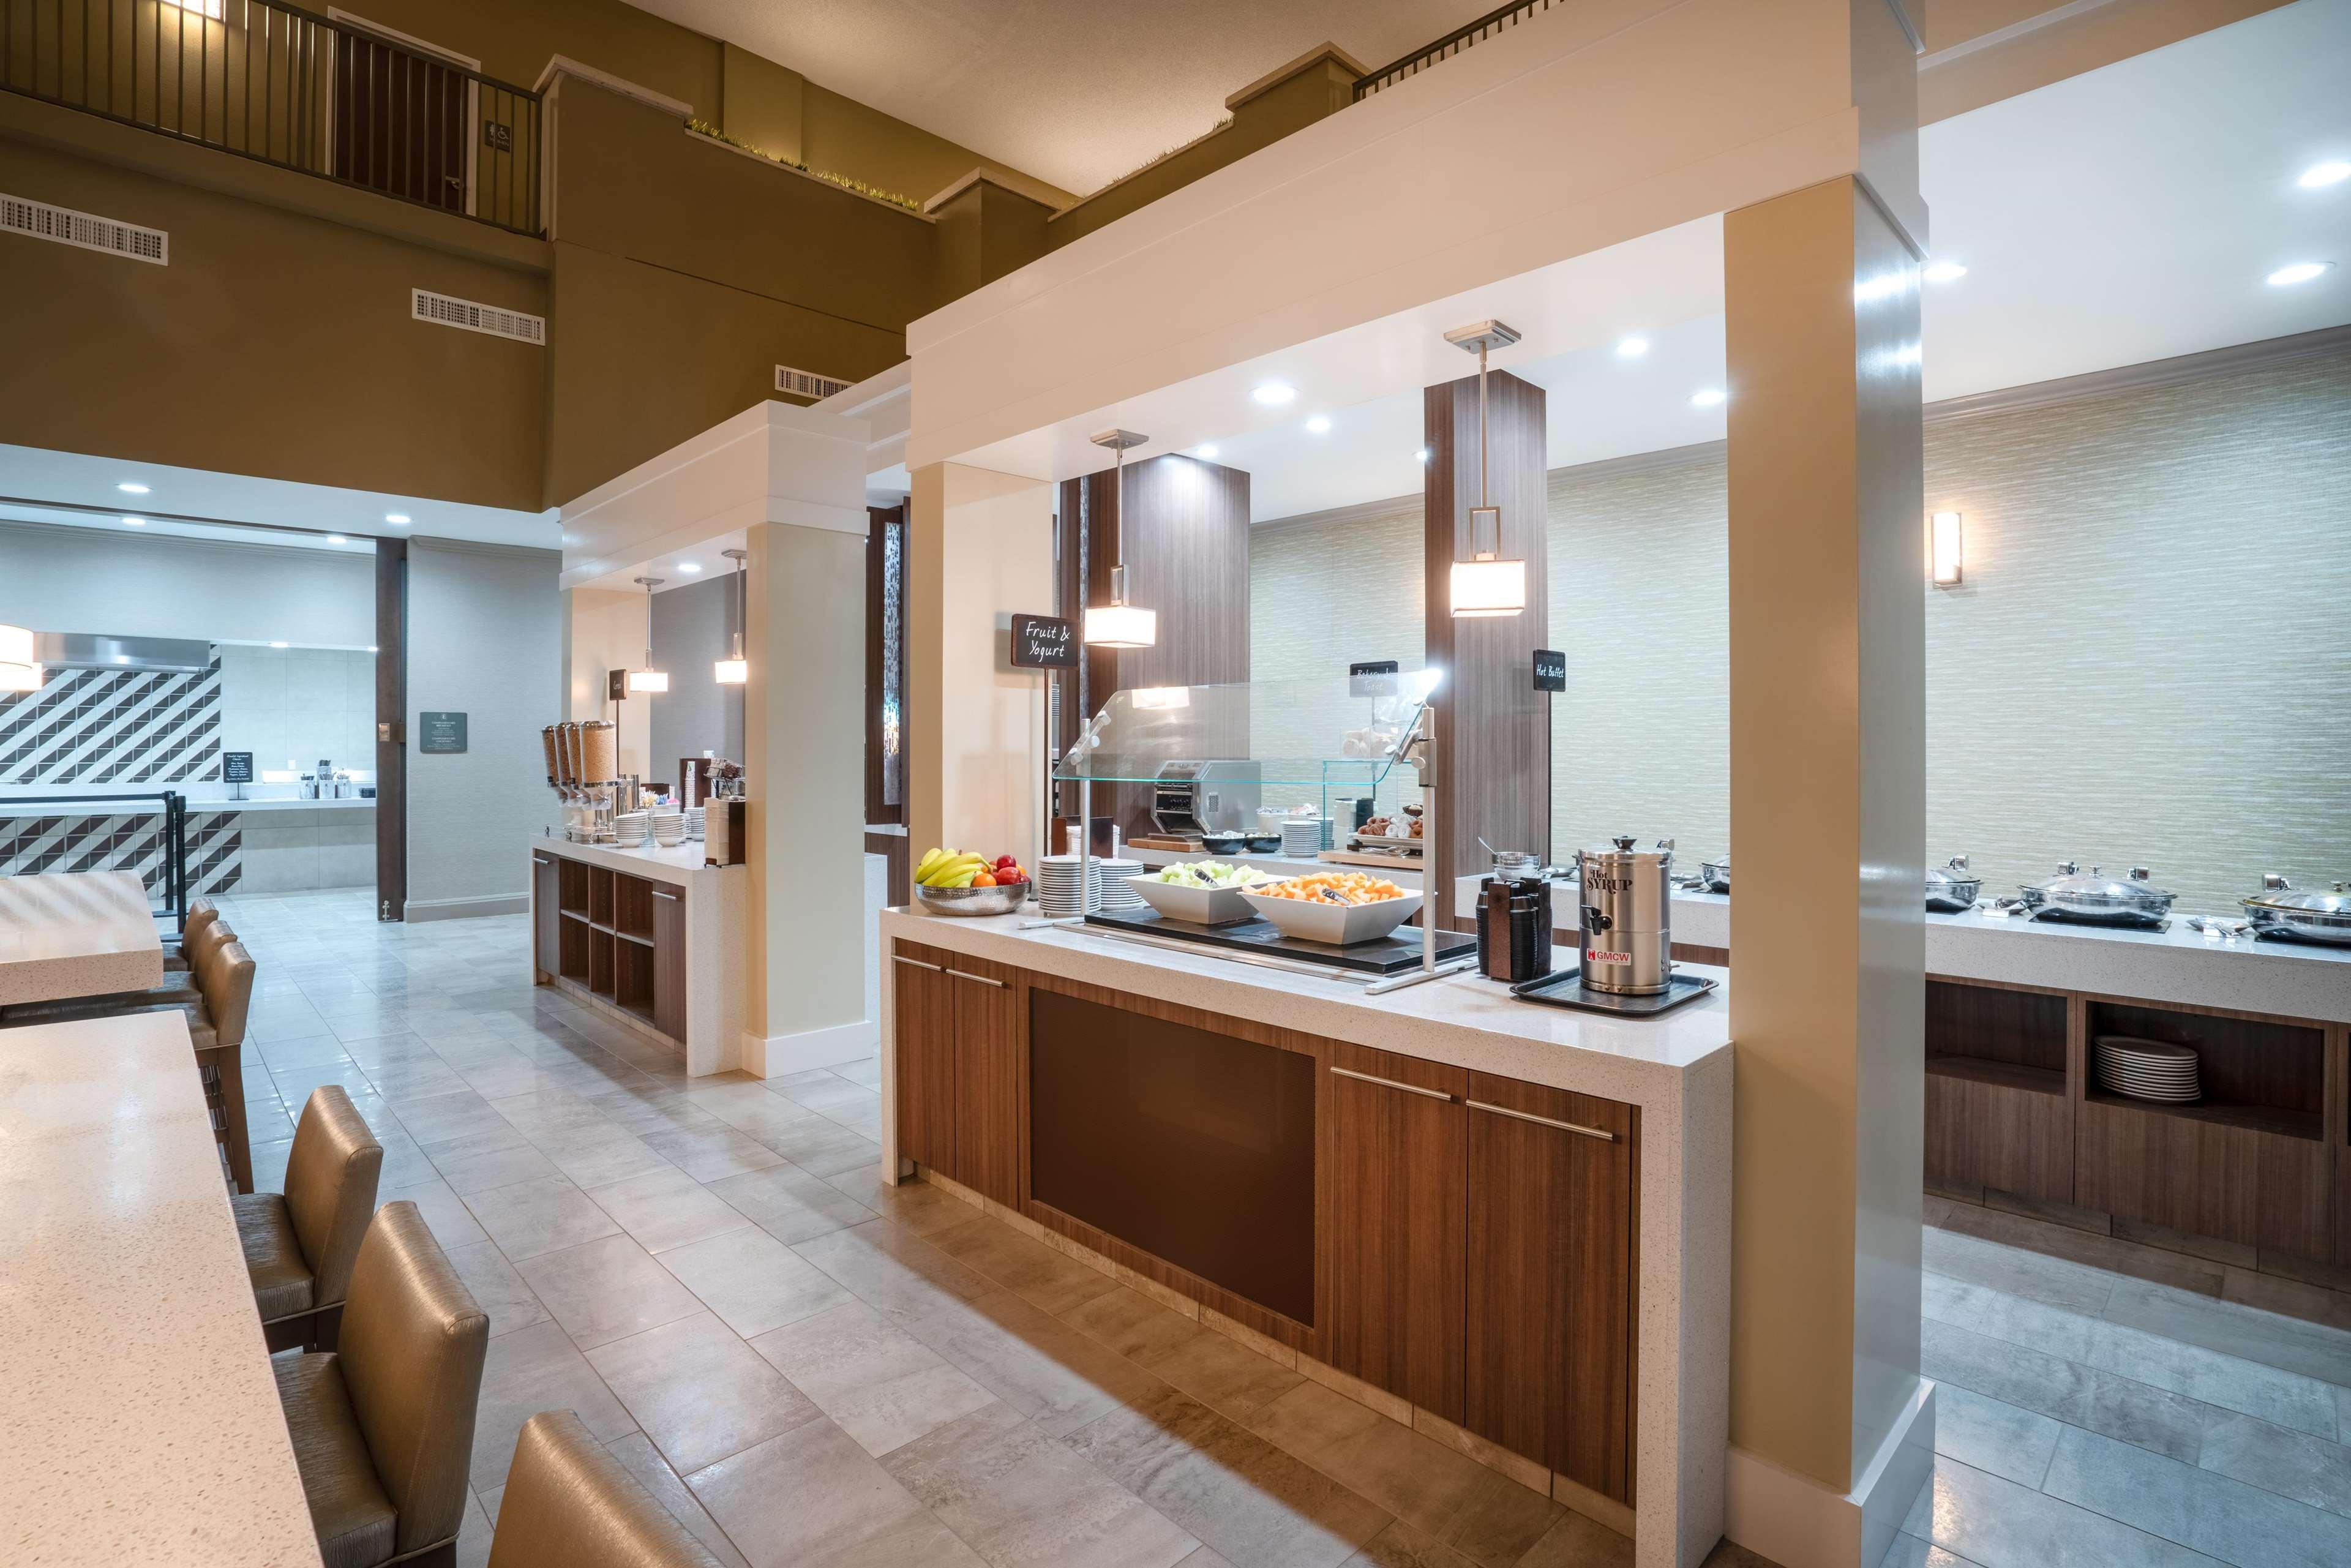 Embassy Suites by Hilton Nashville at Vanderbilt image 24